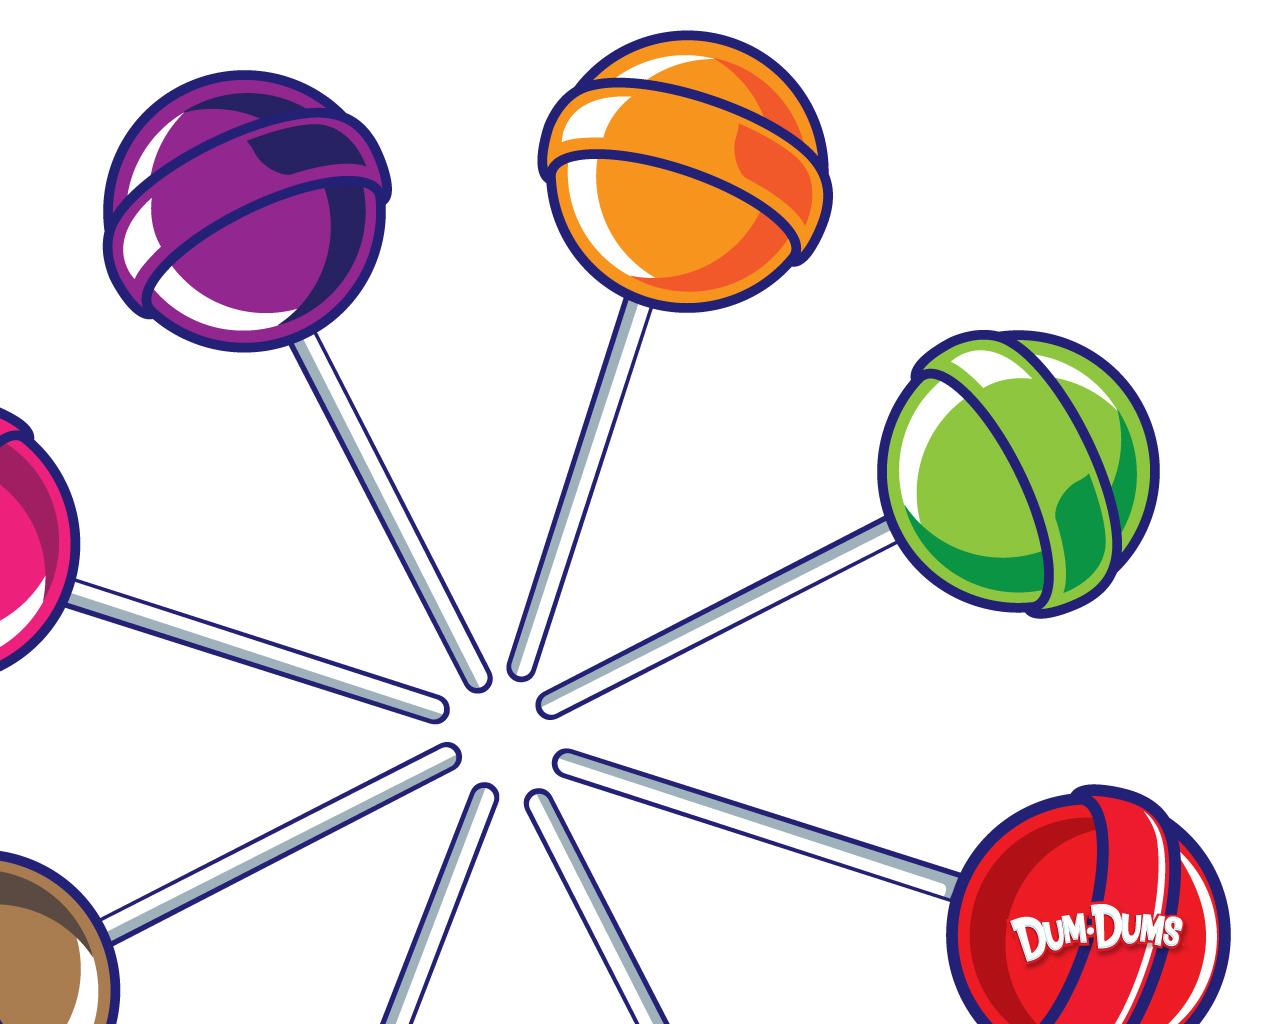 Dum dums clipart clip library Free Desktop Wallpaper | Circle of Dum Dums clip library